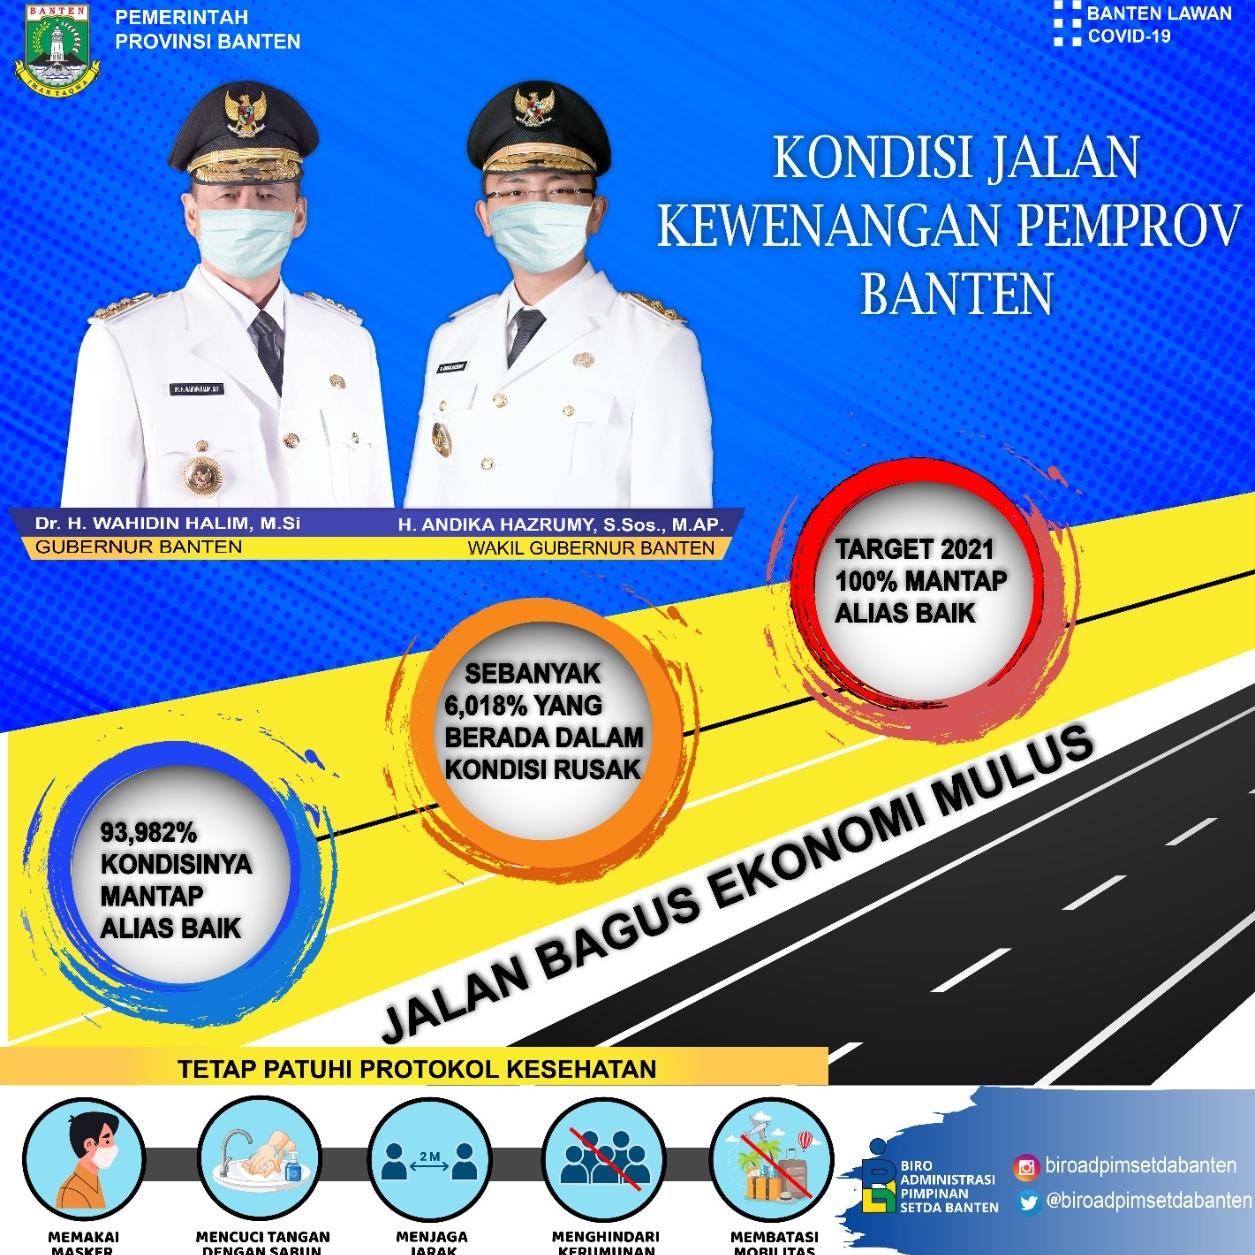 Gambar Kondisi Jalan Kewenangan Pemprov Banten, Akhir 2021 ditarget 100% Mantap 11